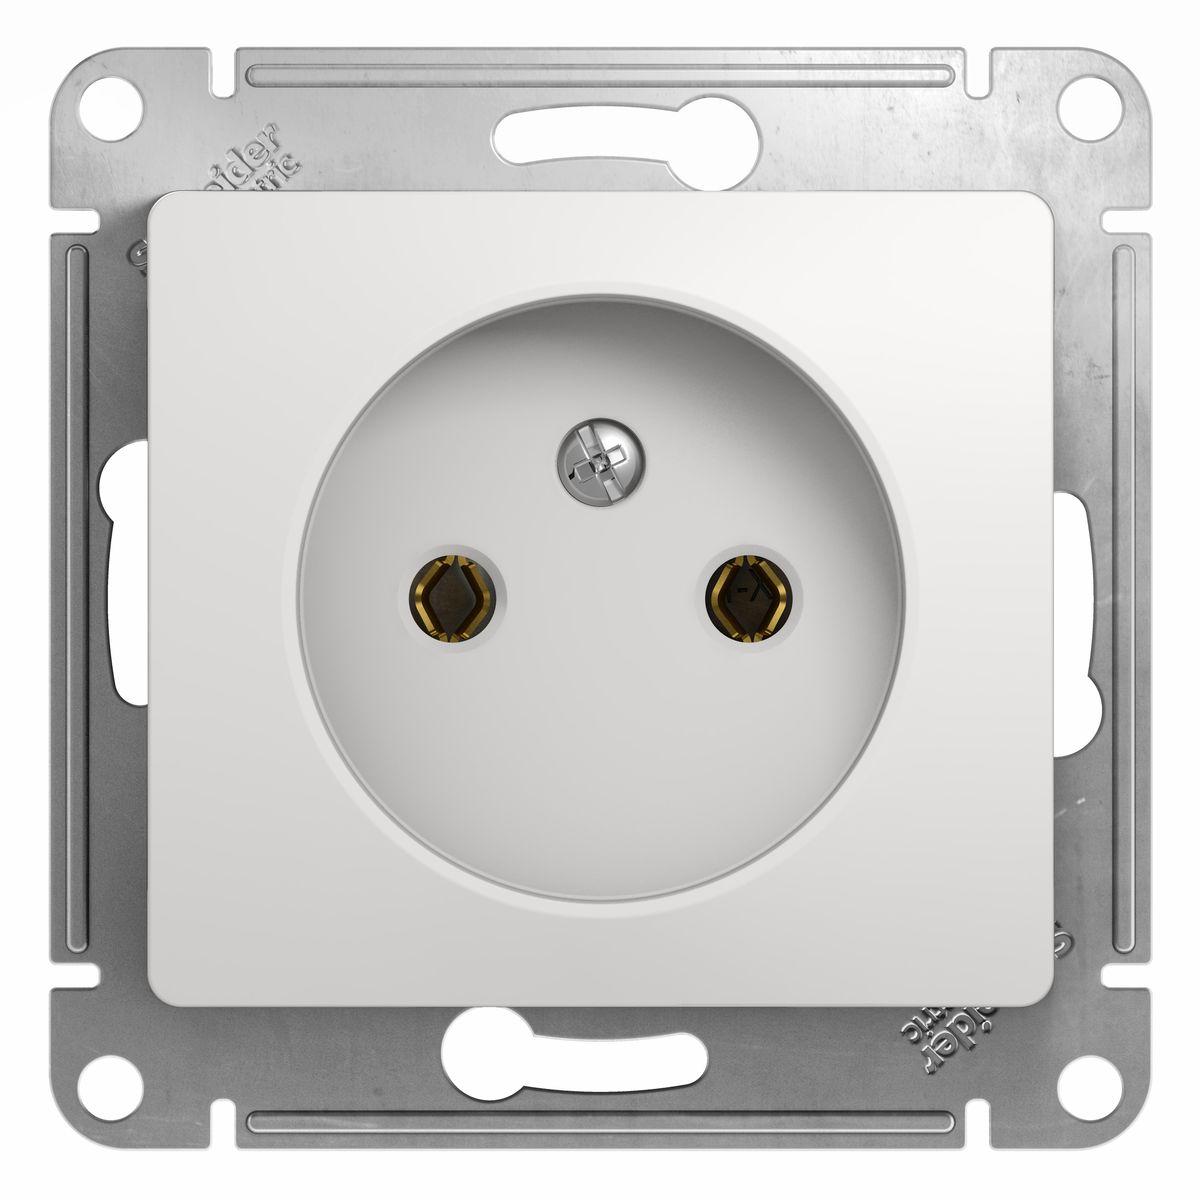 Розетка одинарная Schneider Electric Glossa, цвет: белыйGSL000141Одинарная розетка Schneider Electric Glossa без заземляющего контакта, скрытой установки, без шторок, имеет винтовые клеммы. Легкая установка. Тип розетки С (евророзетка).